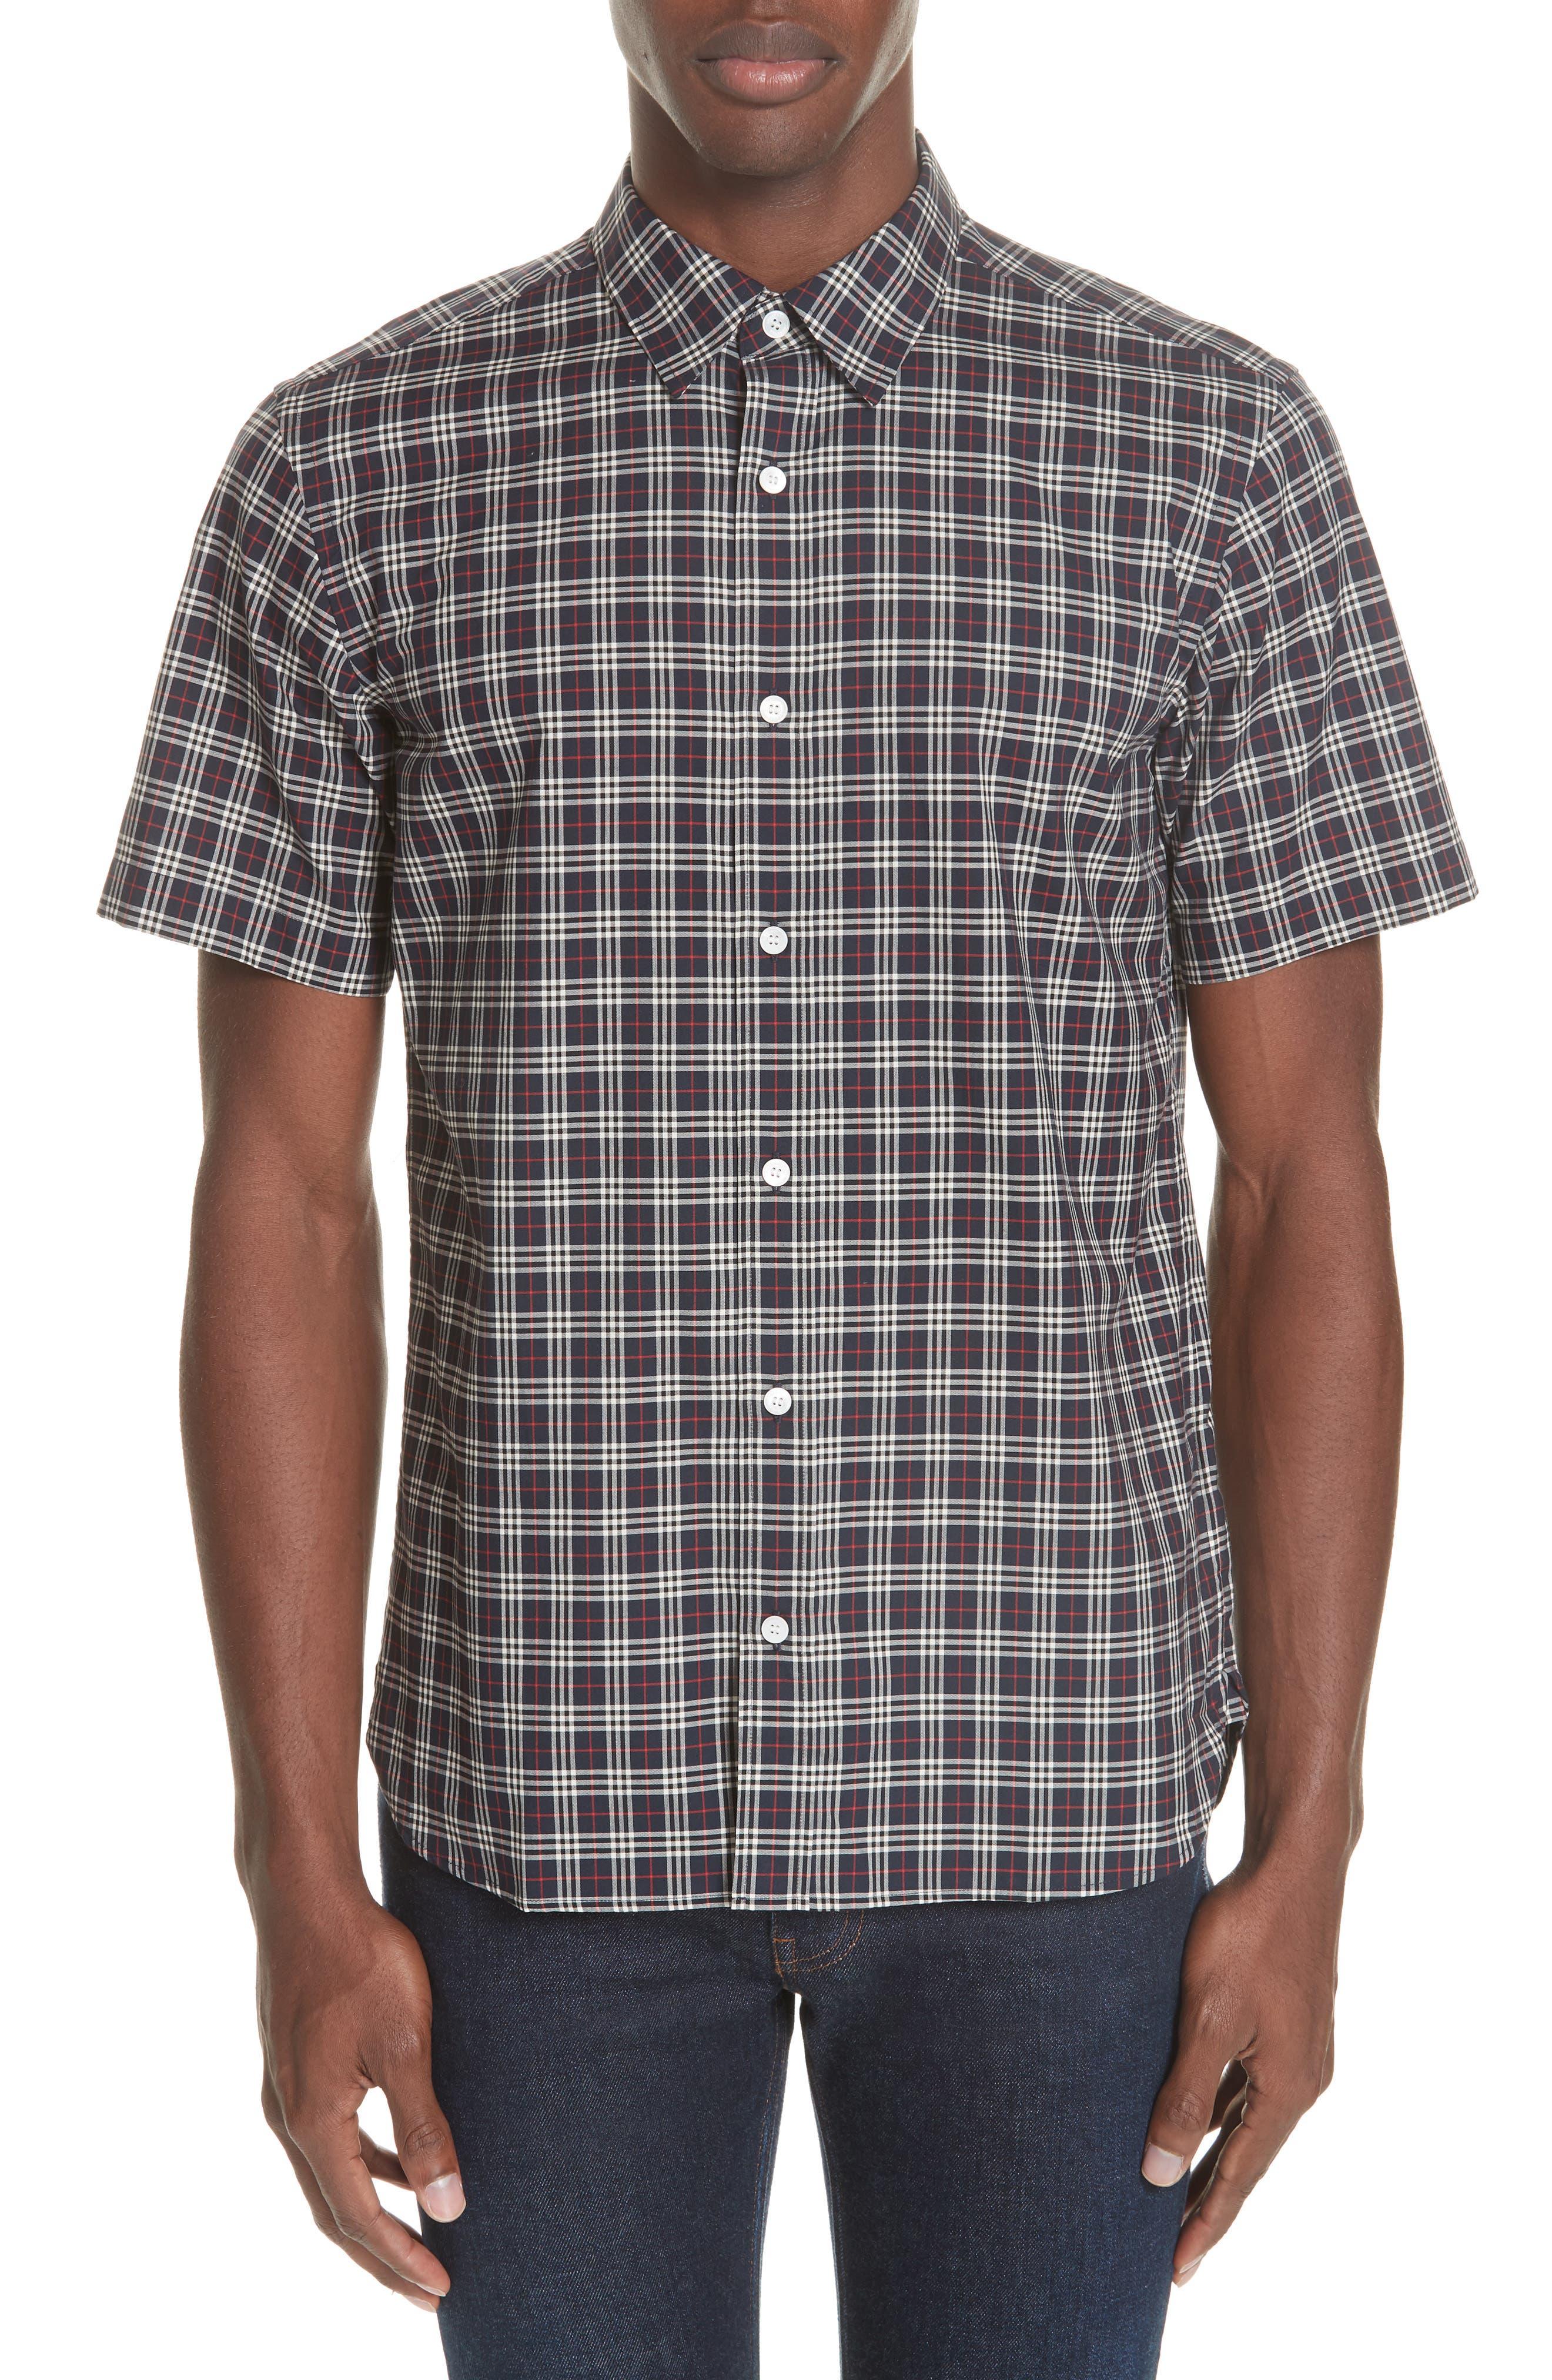 Edward Short Sleeve Shirt,                             Main thumbnail 1, color,                             400